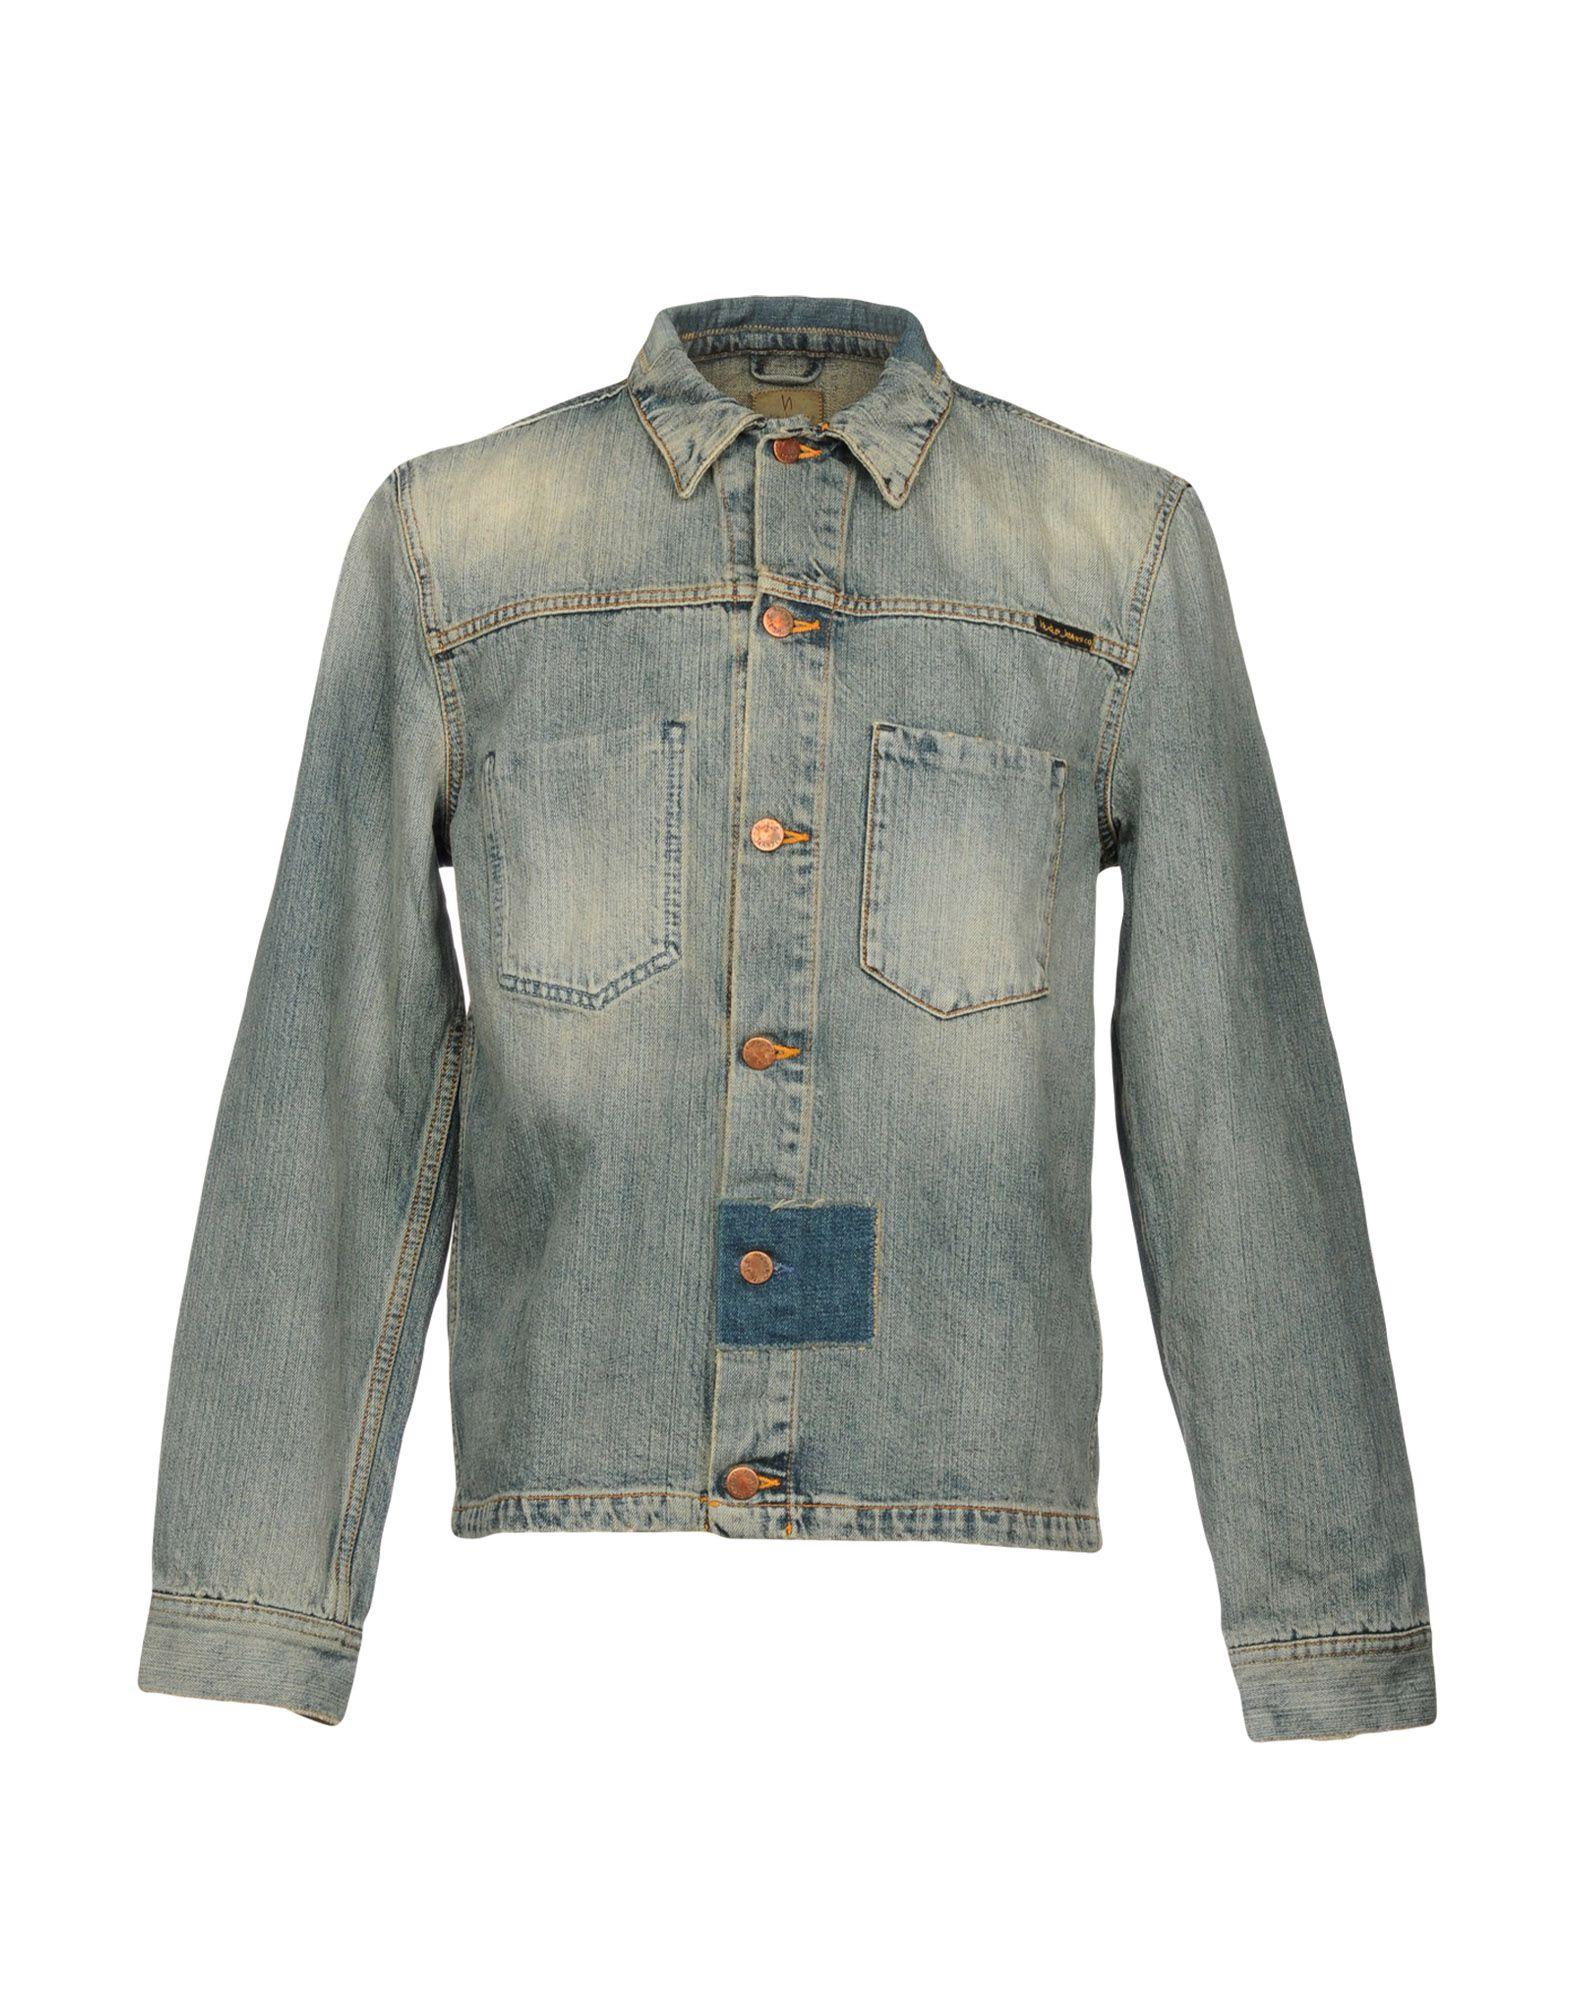 купить NUDIE JEANS CO Джинсовая верхняя одежда по цене 14000 рублей